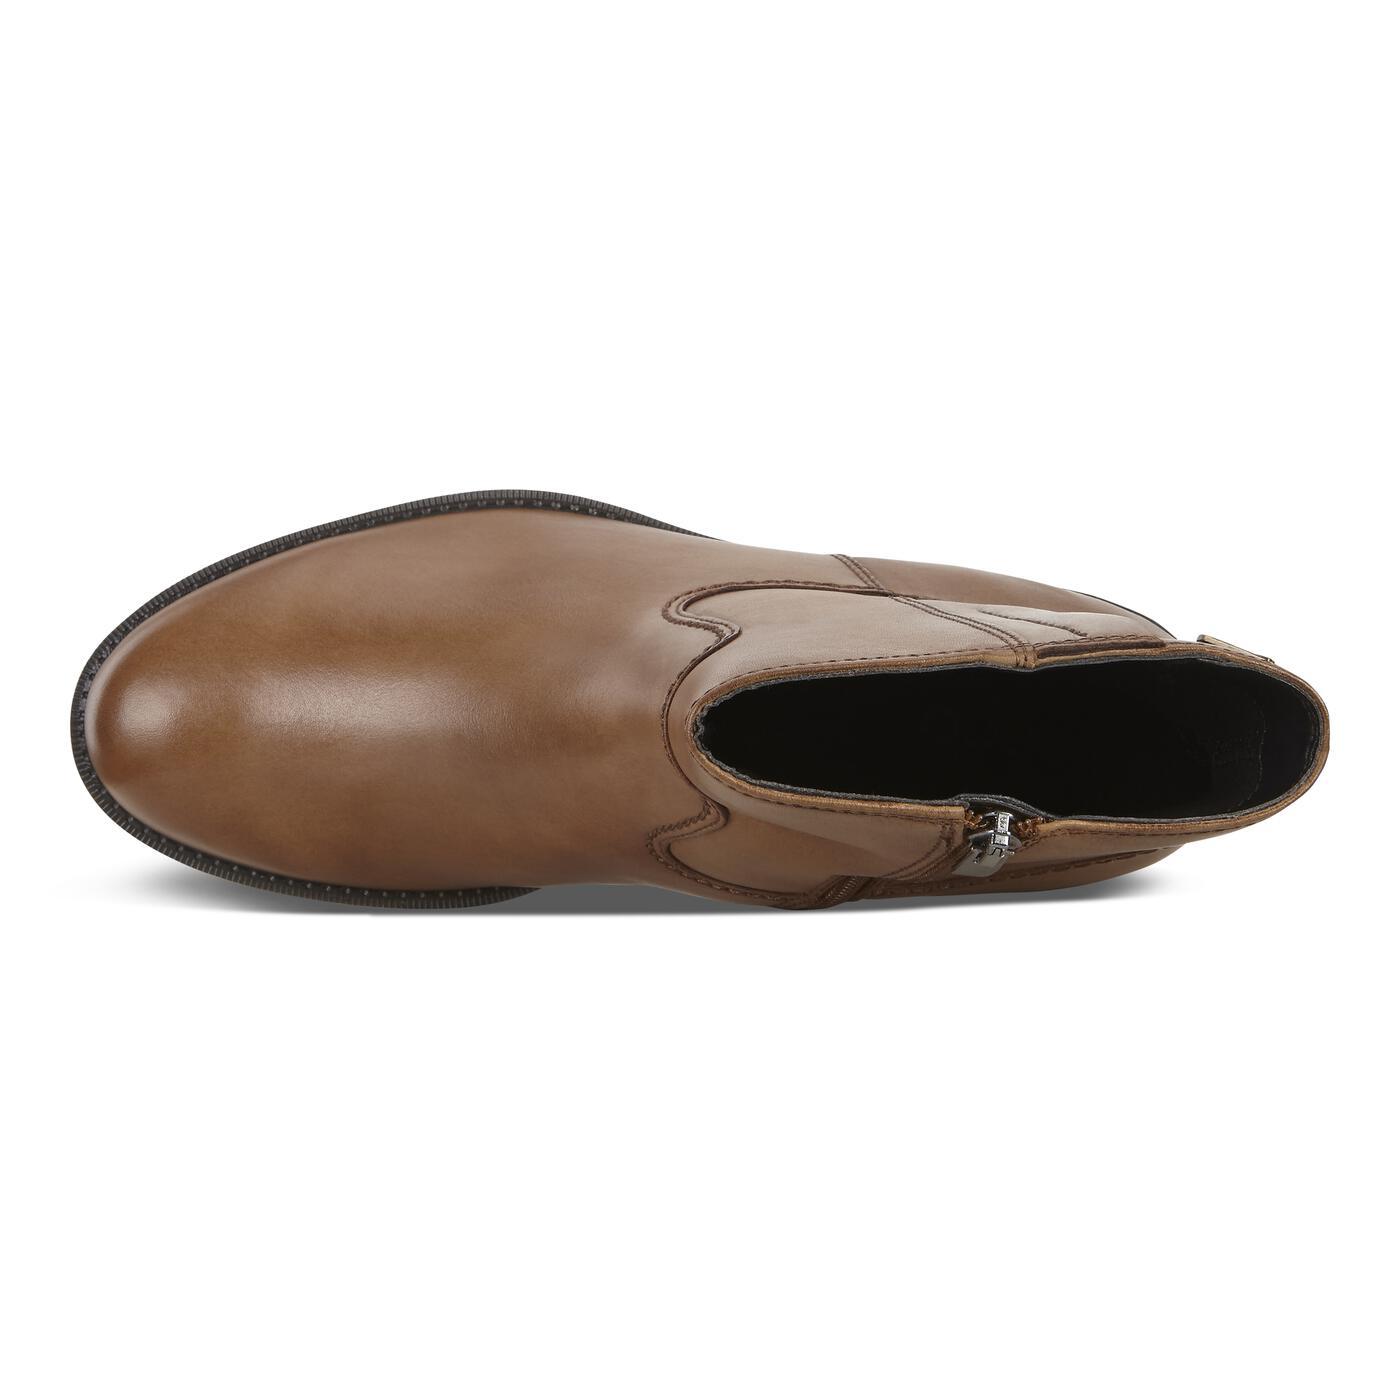 ECCO SAUNTER Mid-cut Boot